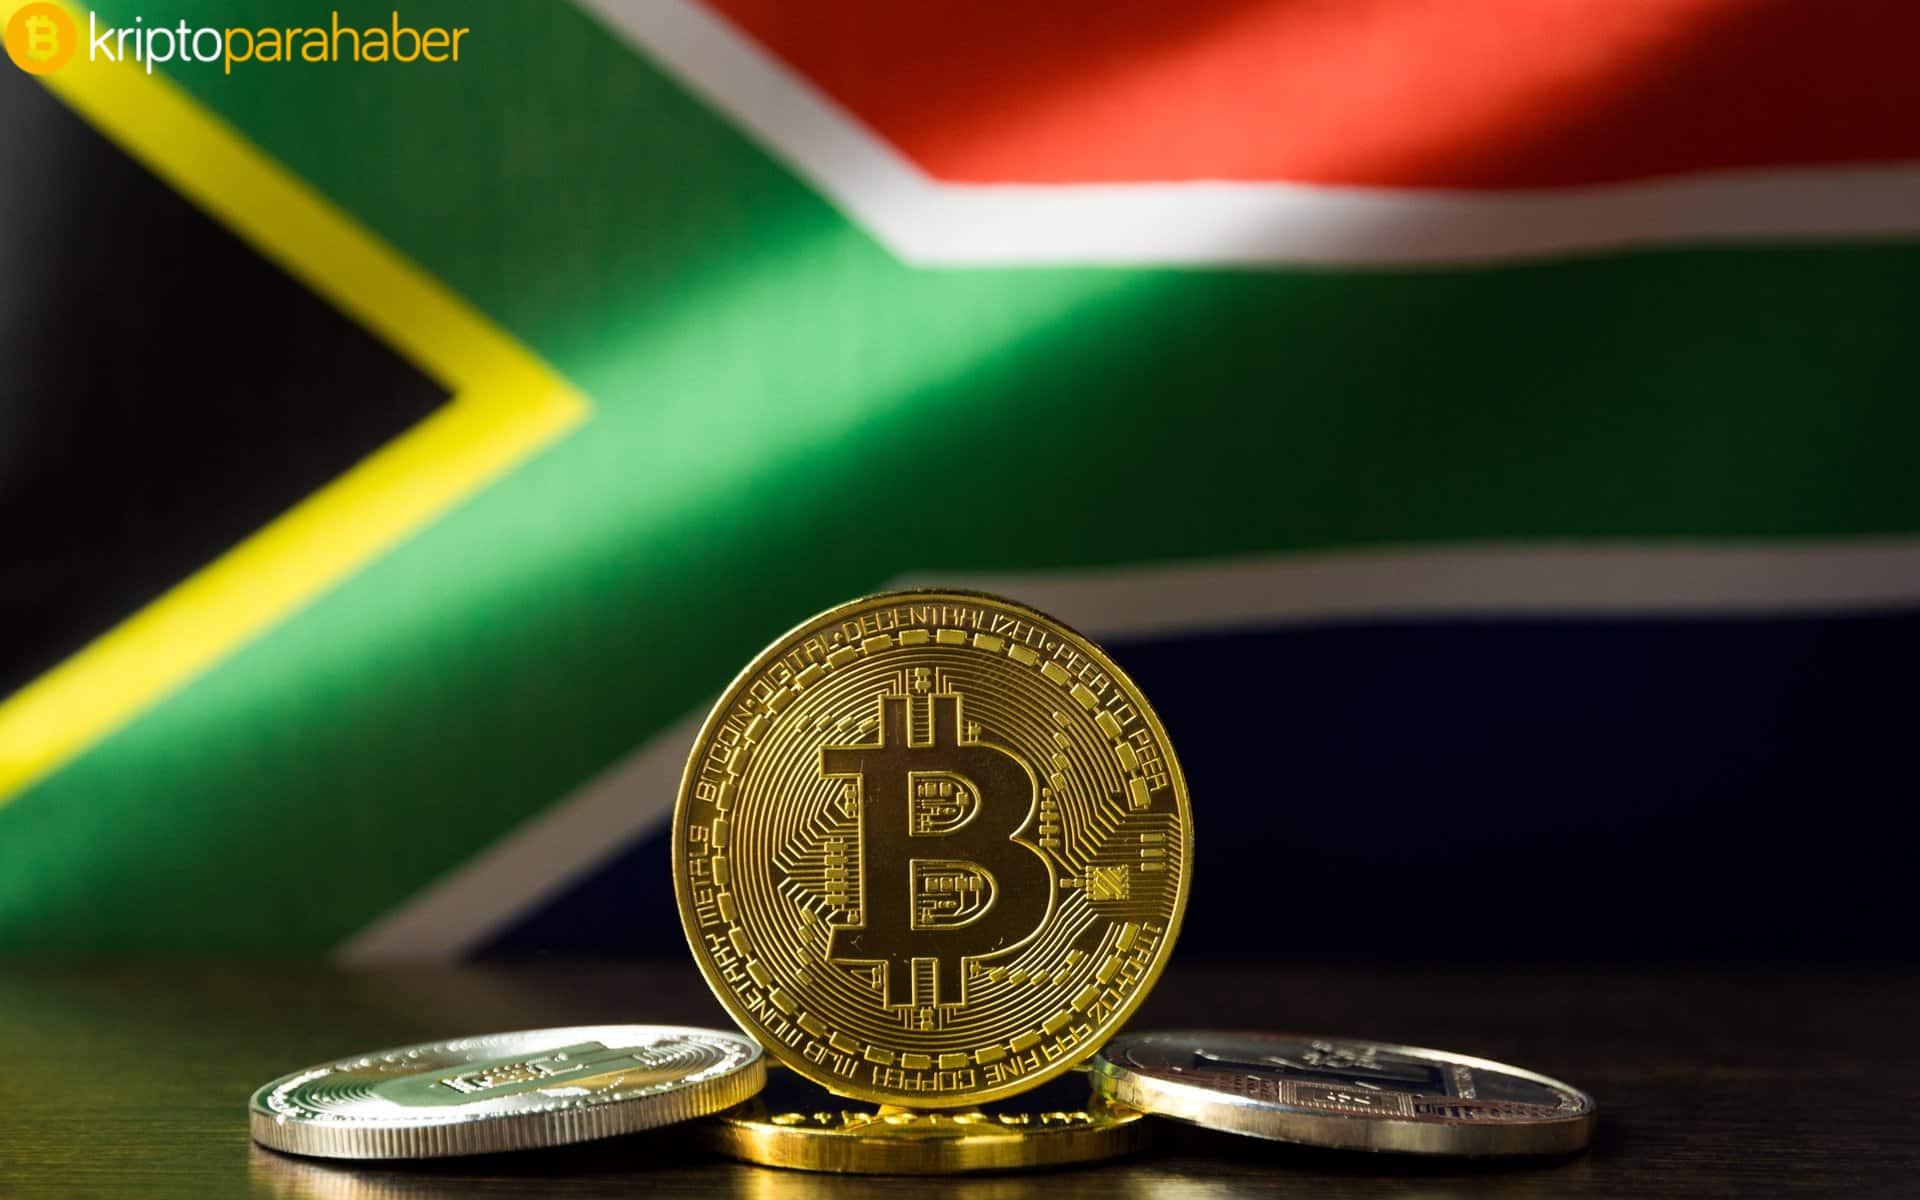 Afrika'da kripto benimsenmesi artarken düzenleme eksikliği kaygı yaratıyor